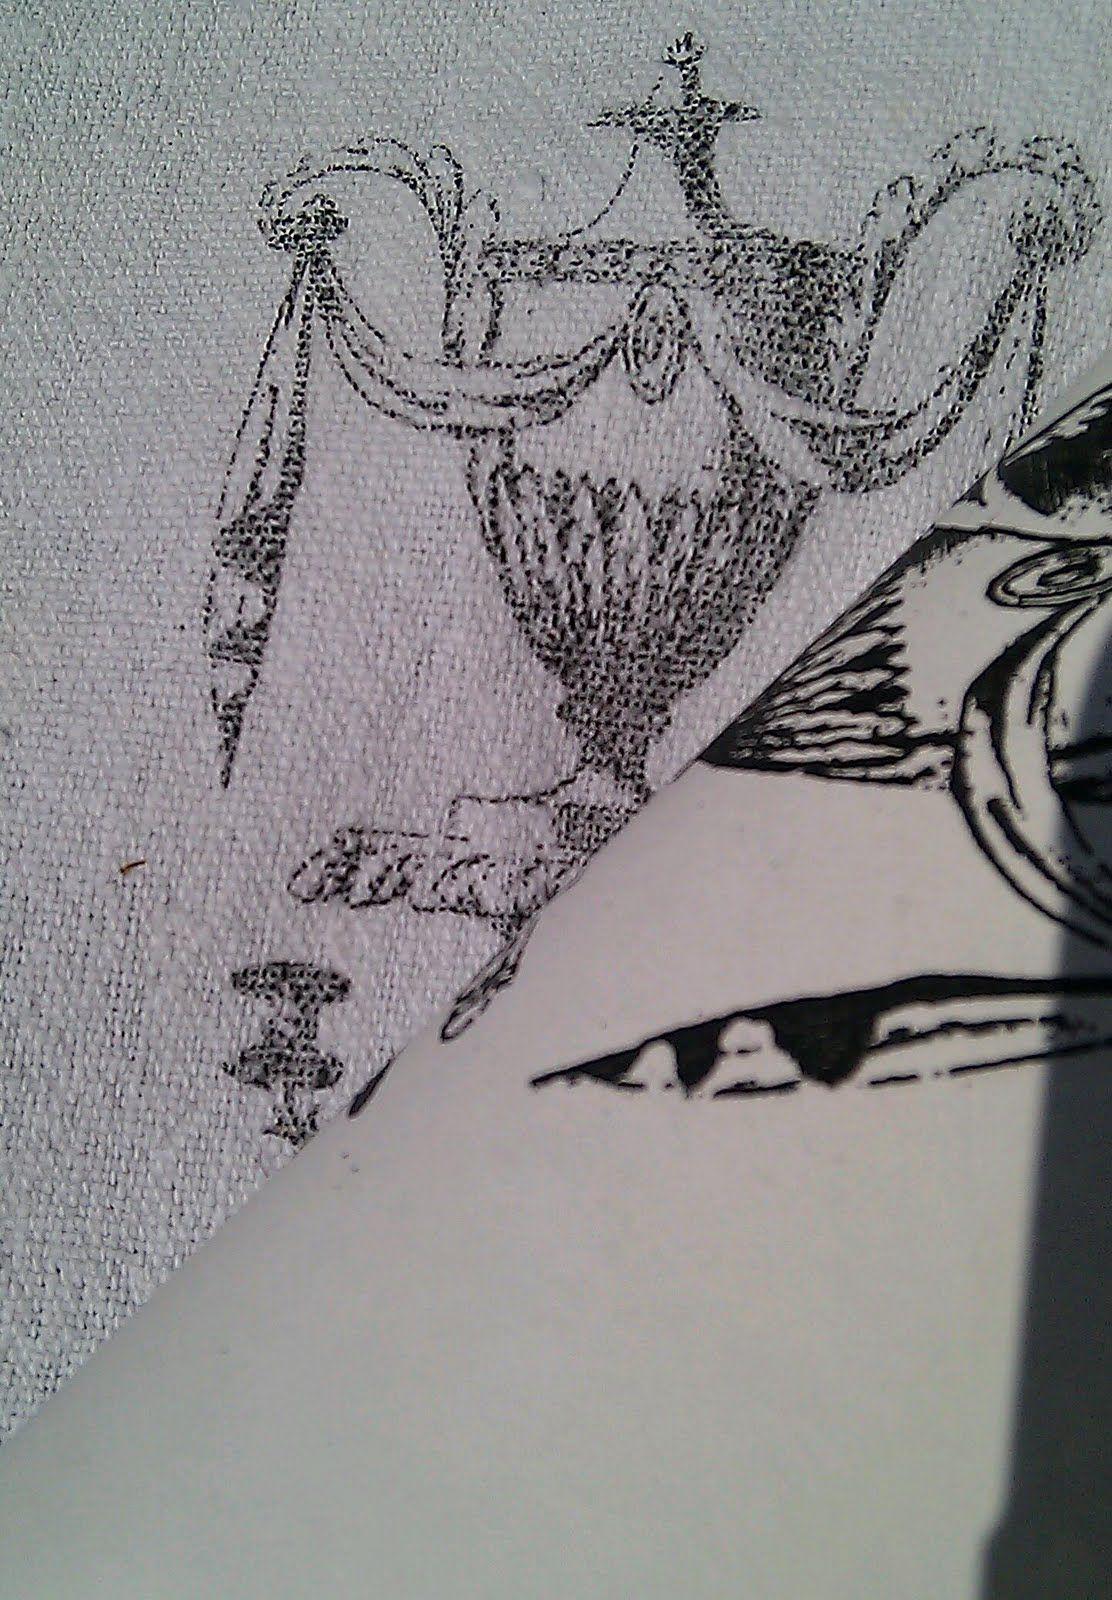 Transfert Photocopie Sur Bois chartpak splendid blender pen transfer | transferts d'images